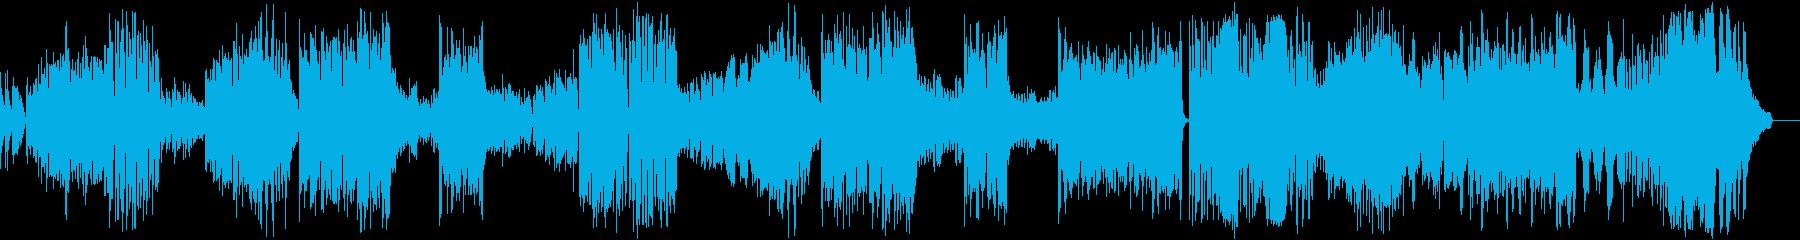 半音階的大ギャロップ/リストの再生済みの波形